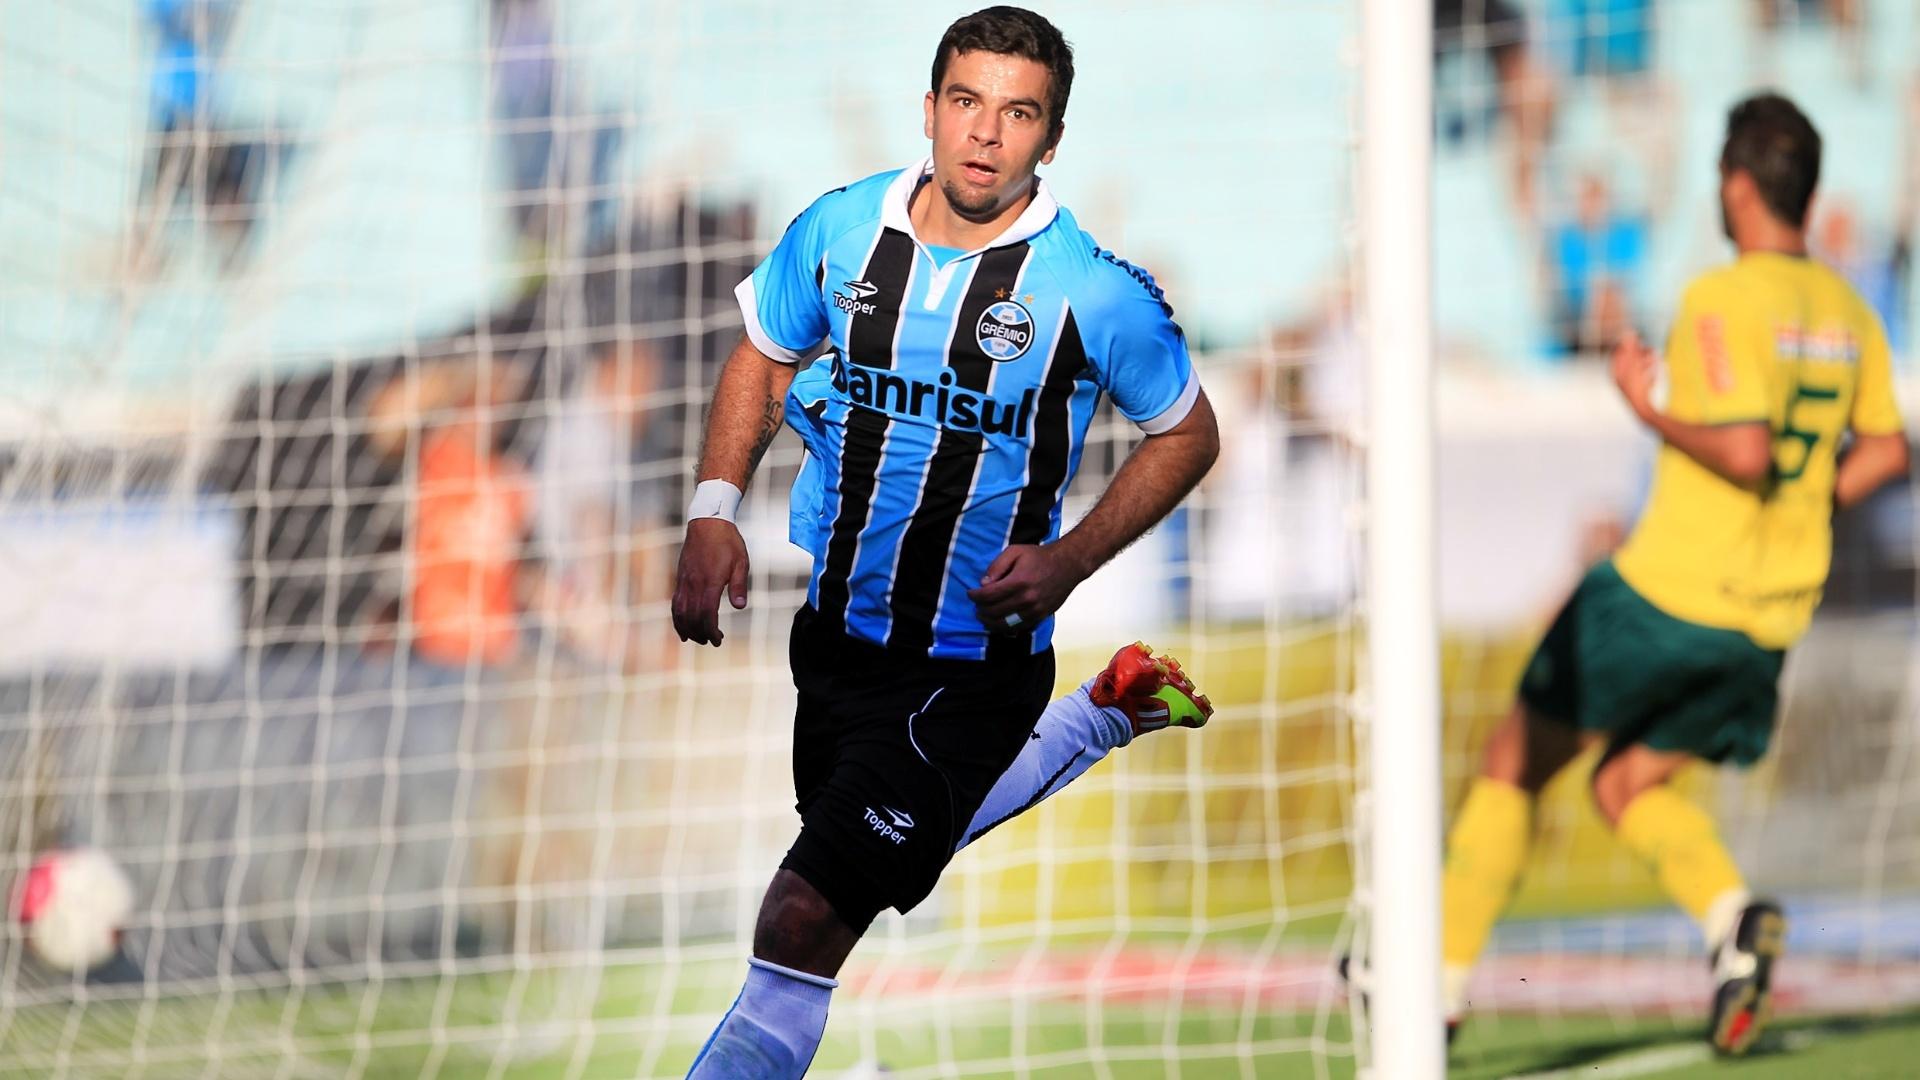 André Lima toca para o fundo das redes e faz Grêmio 2 a 0 no Ypiranga